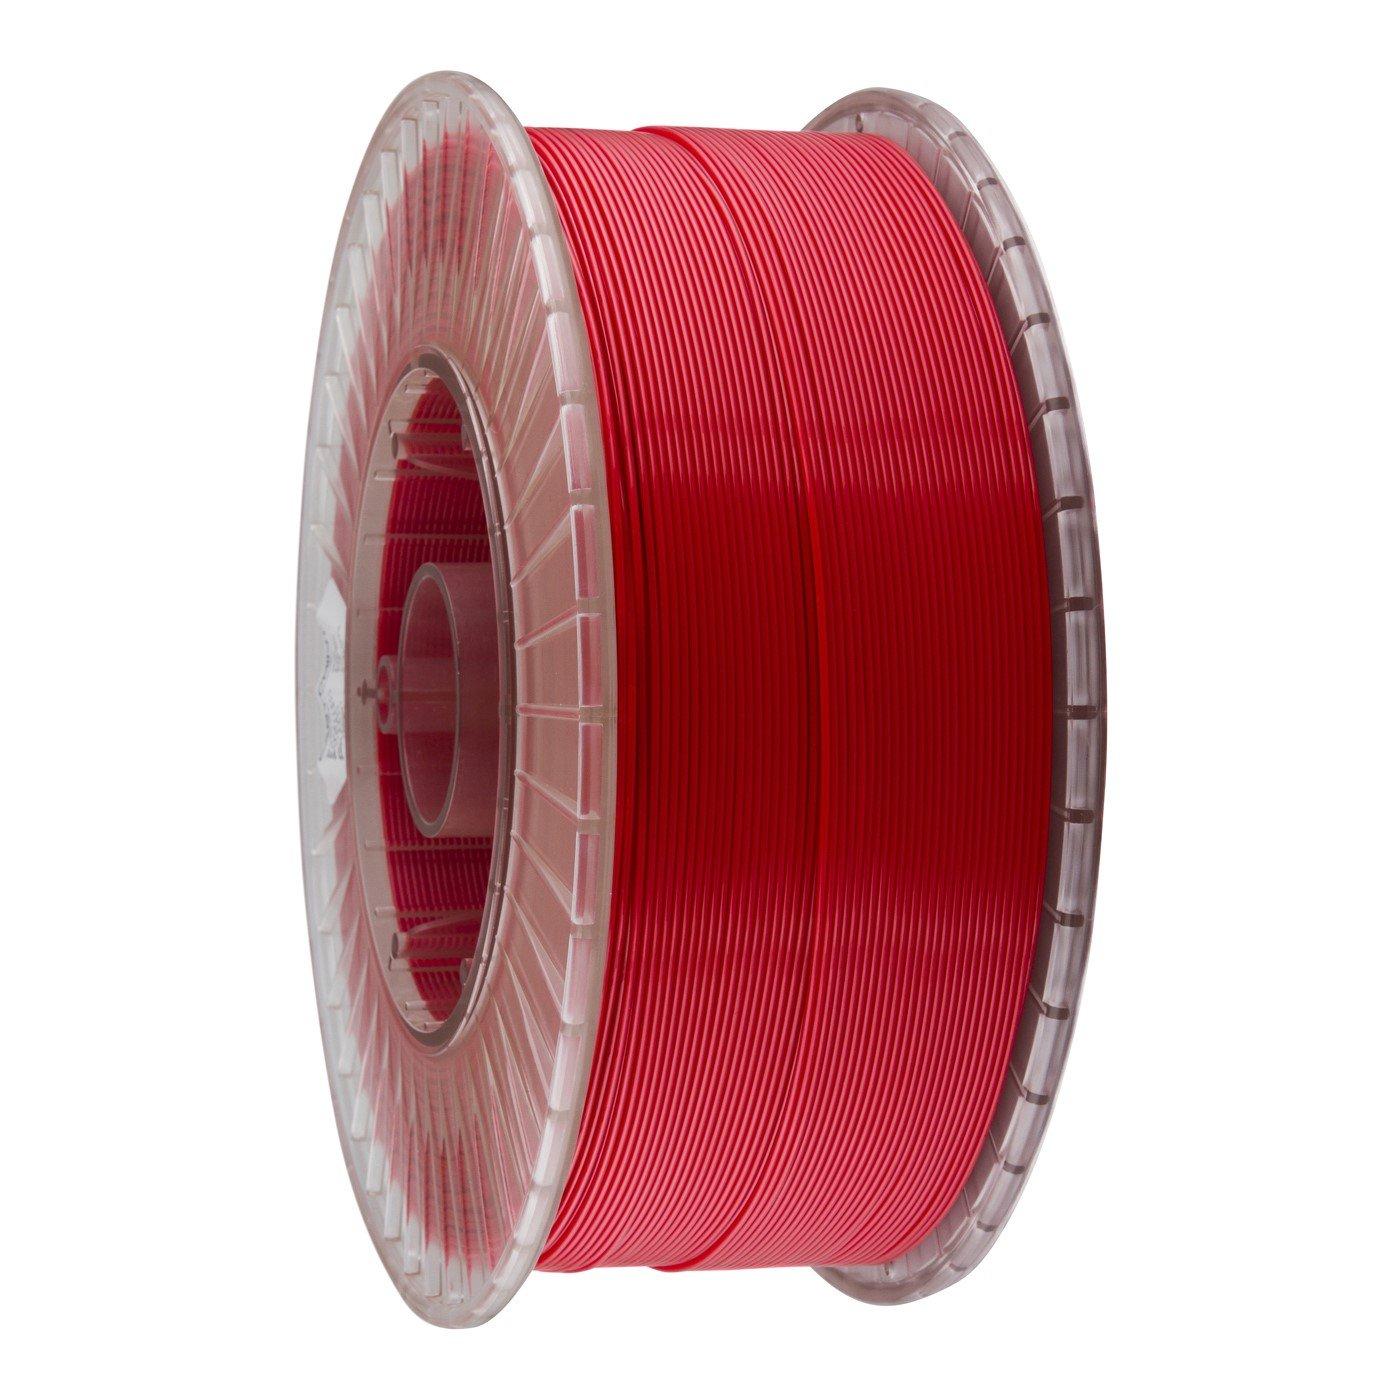 Filamento PLA 2.85mm 3kg COLOR FOTO-1 IMP 3D [7DLBB3P3]